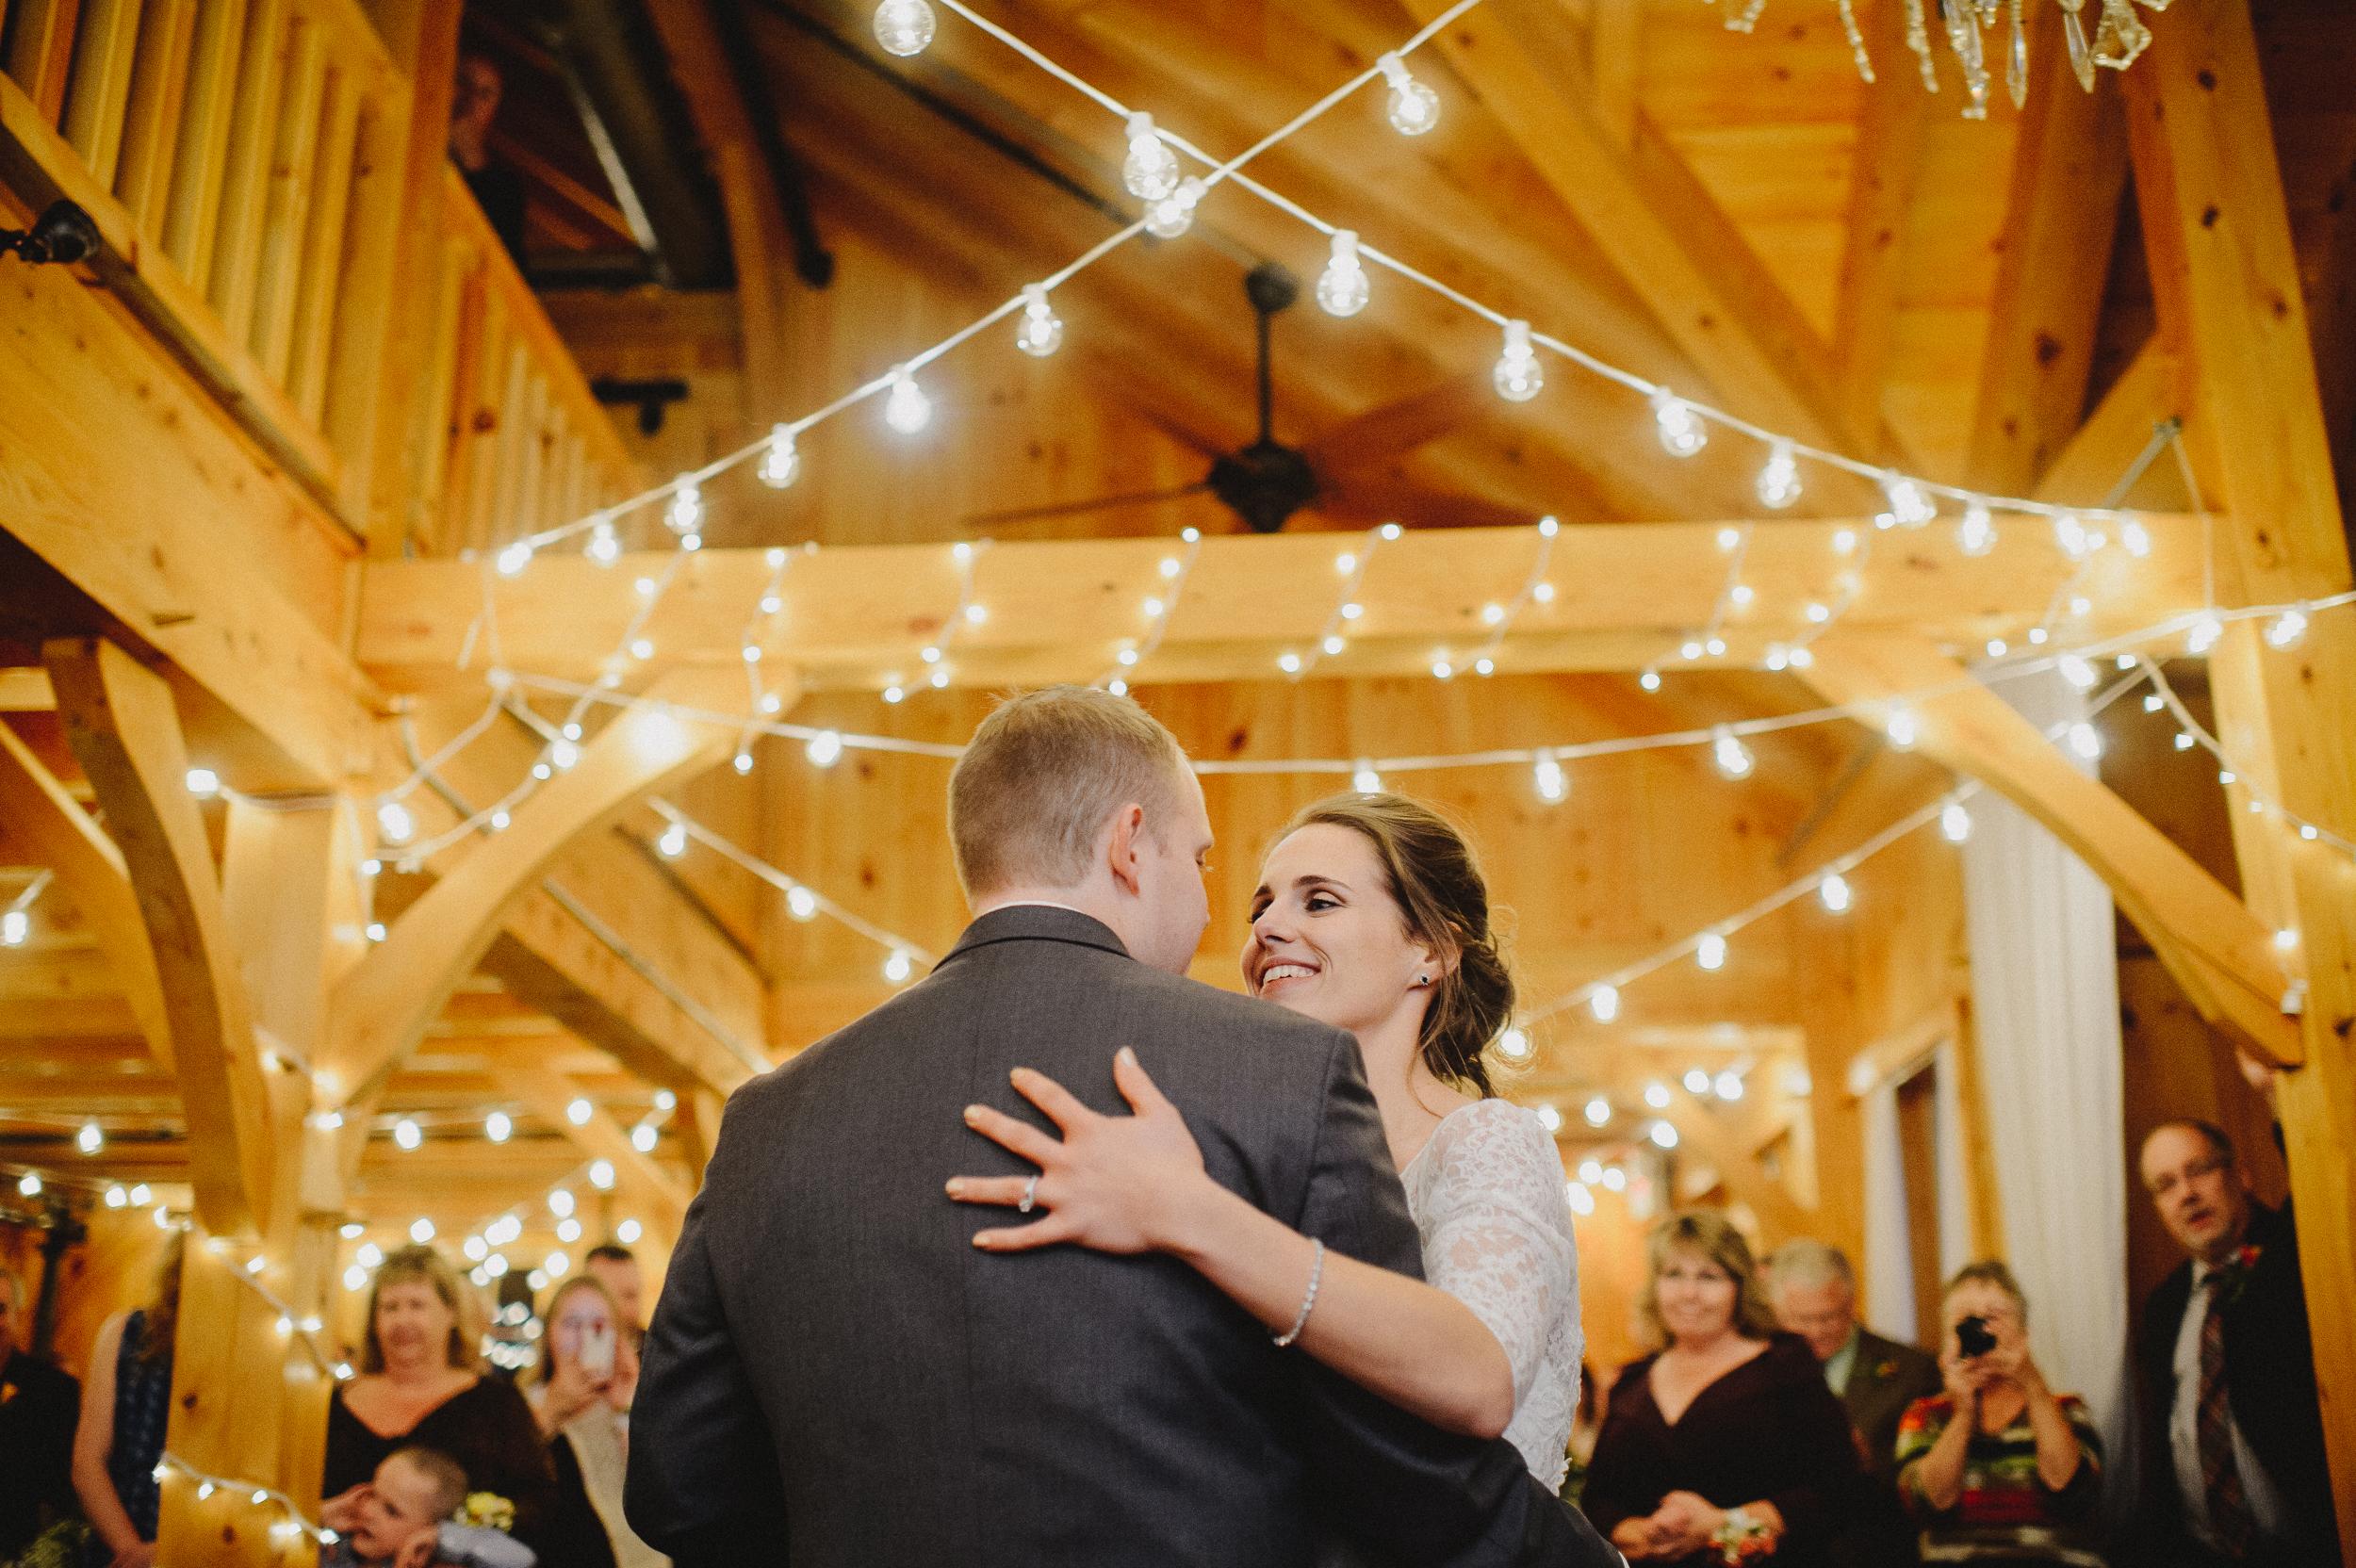 thousand-acre-farm-wedding-photographer-91.jpg